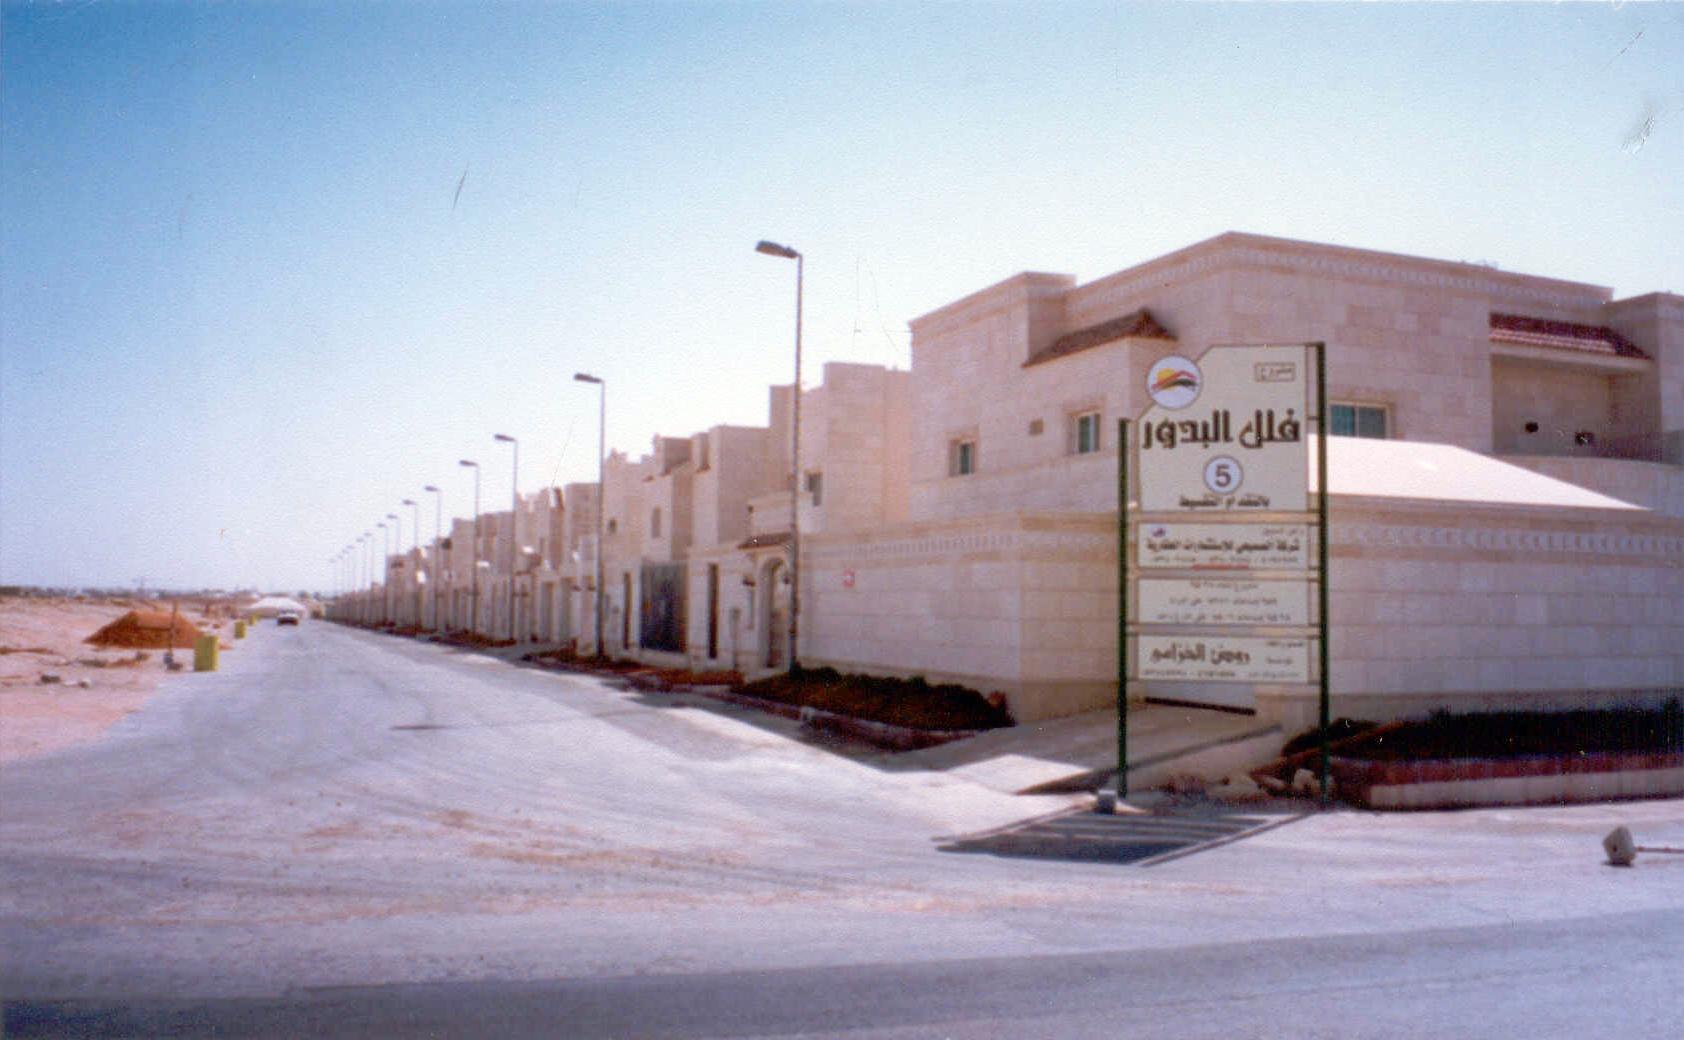 مشروع فلل البدور(5)الرياض